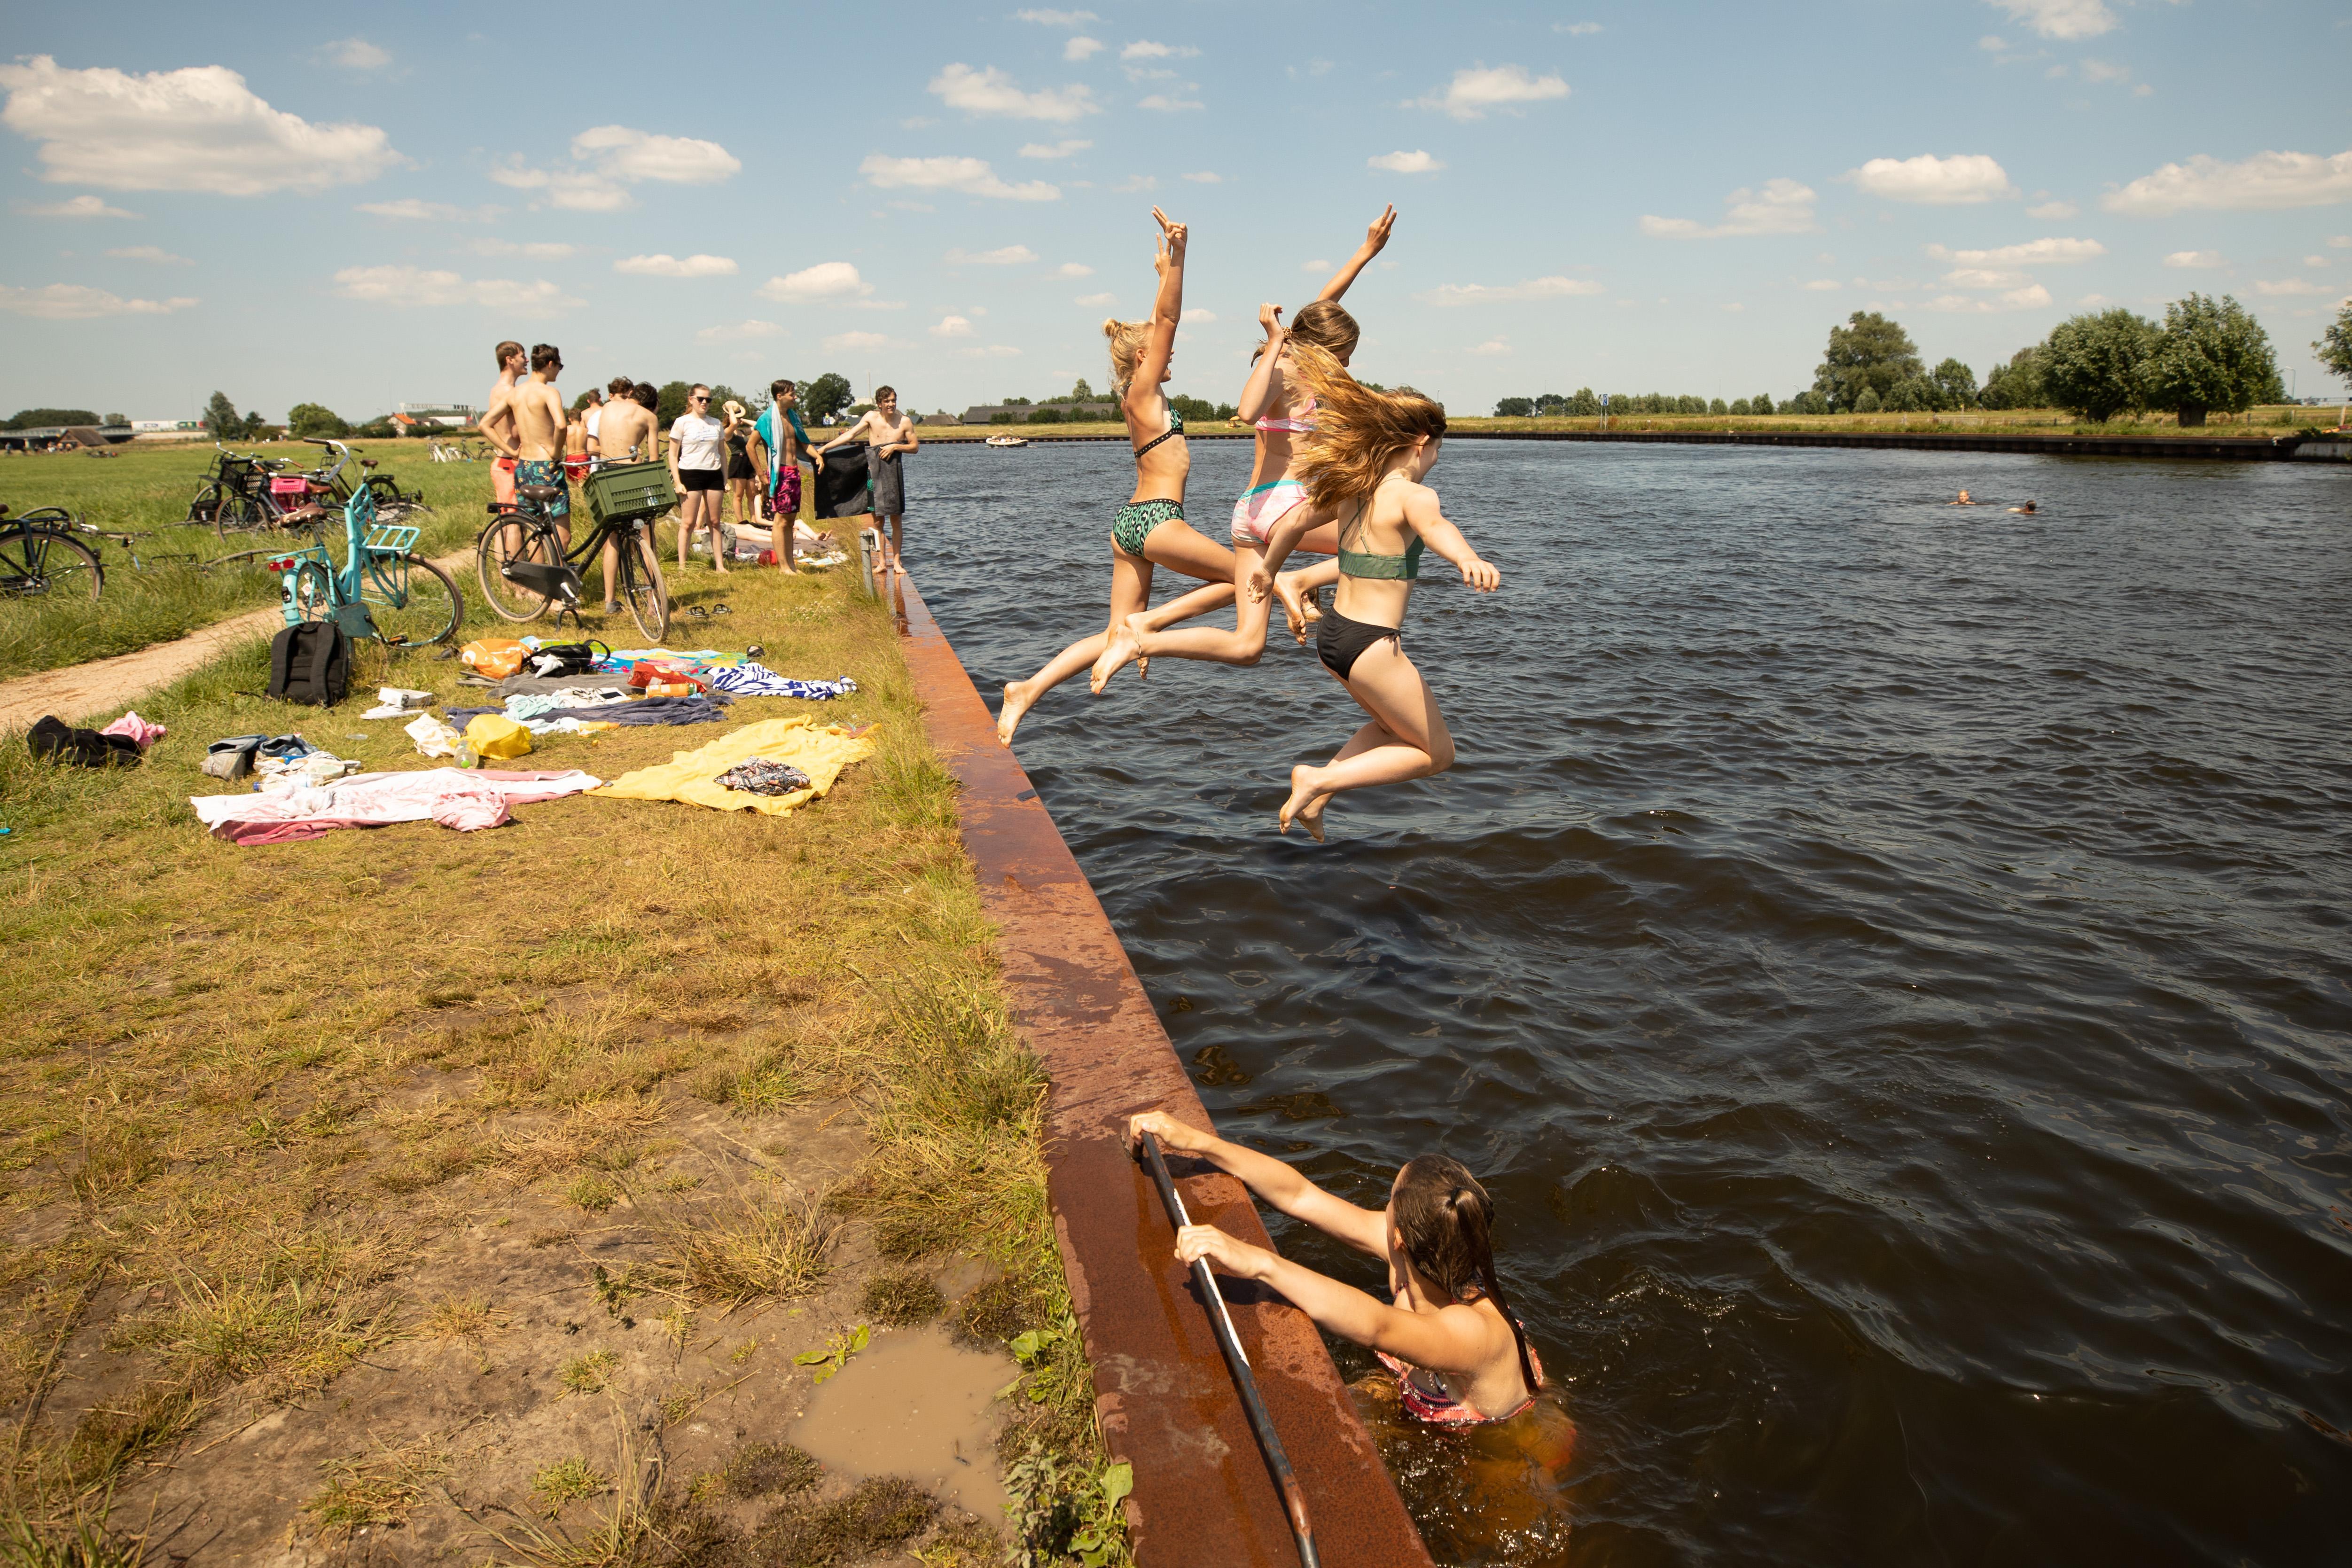 Hoe onveilig is nu zwemmen in de Eem? D66 Baarn stelt vragen na uitlatingen van Soester burgemeester Metz dat je er ziek van kunt worden